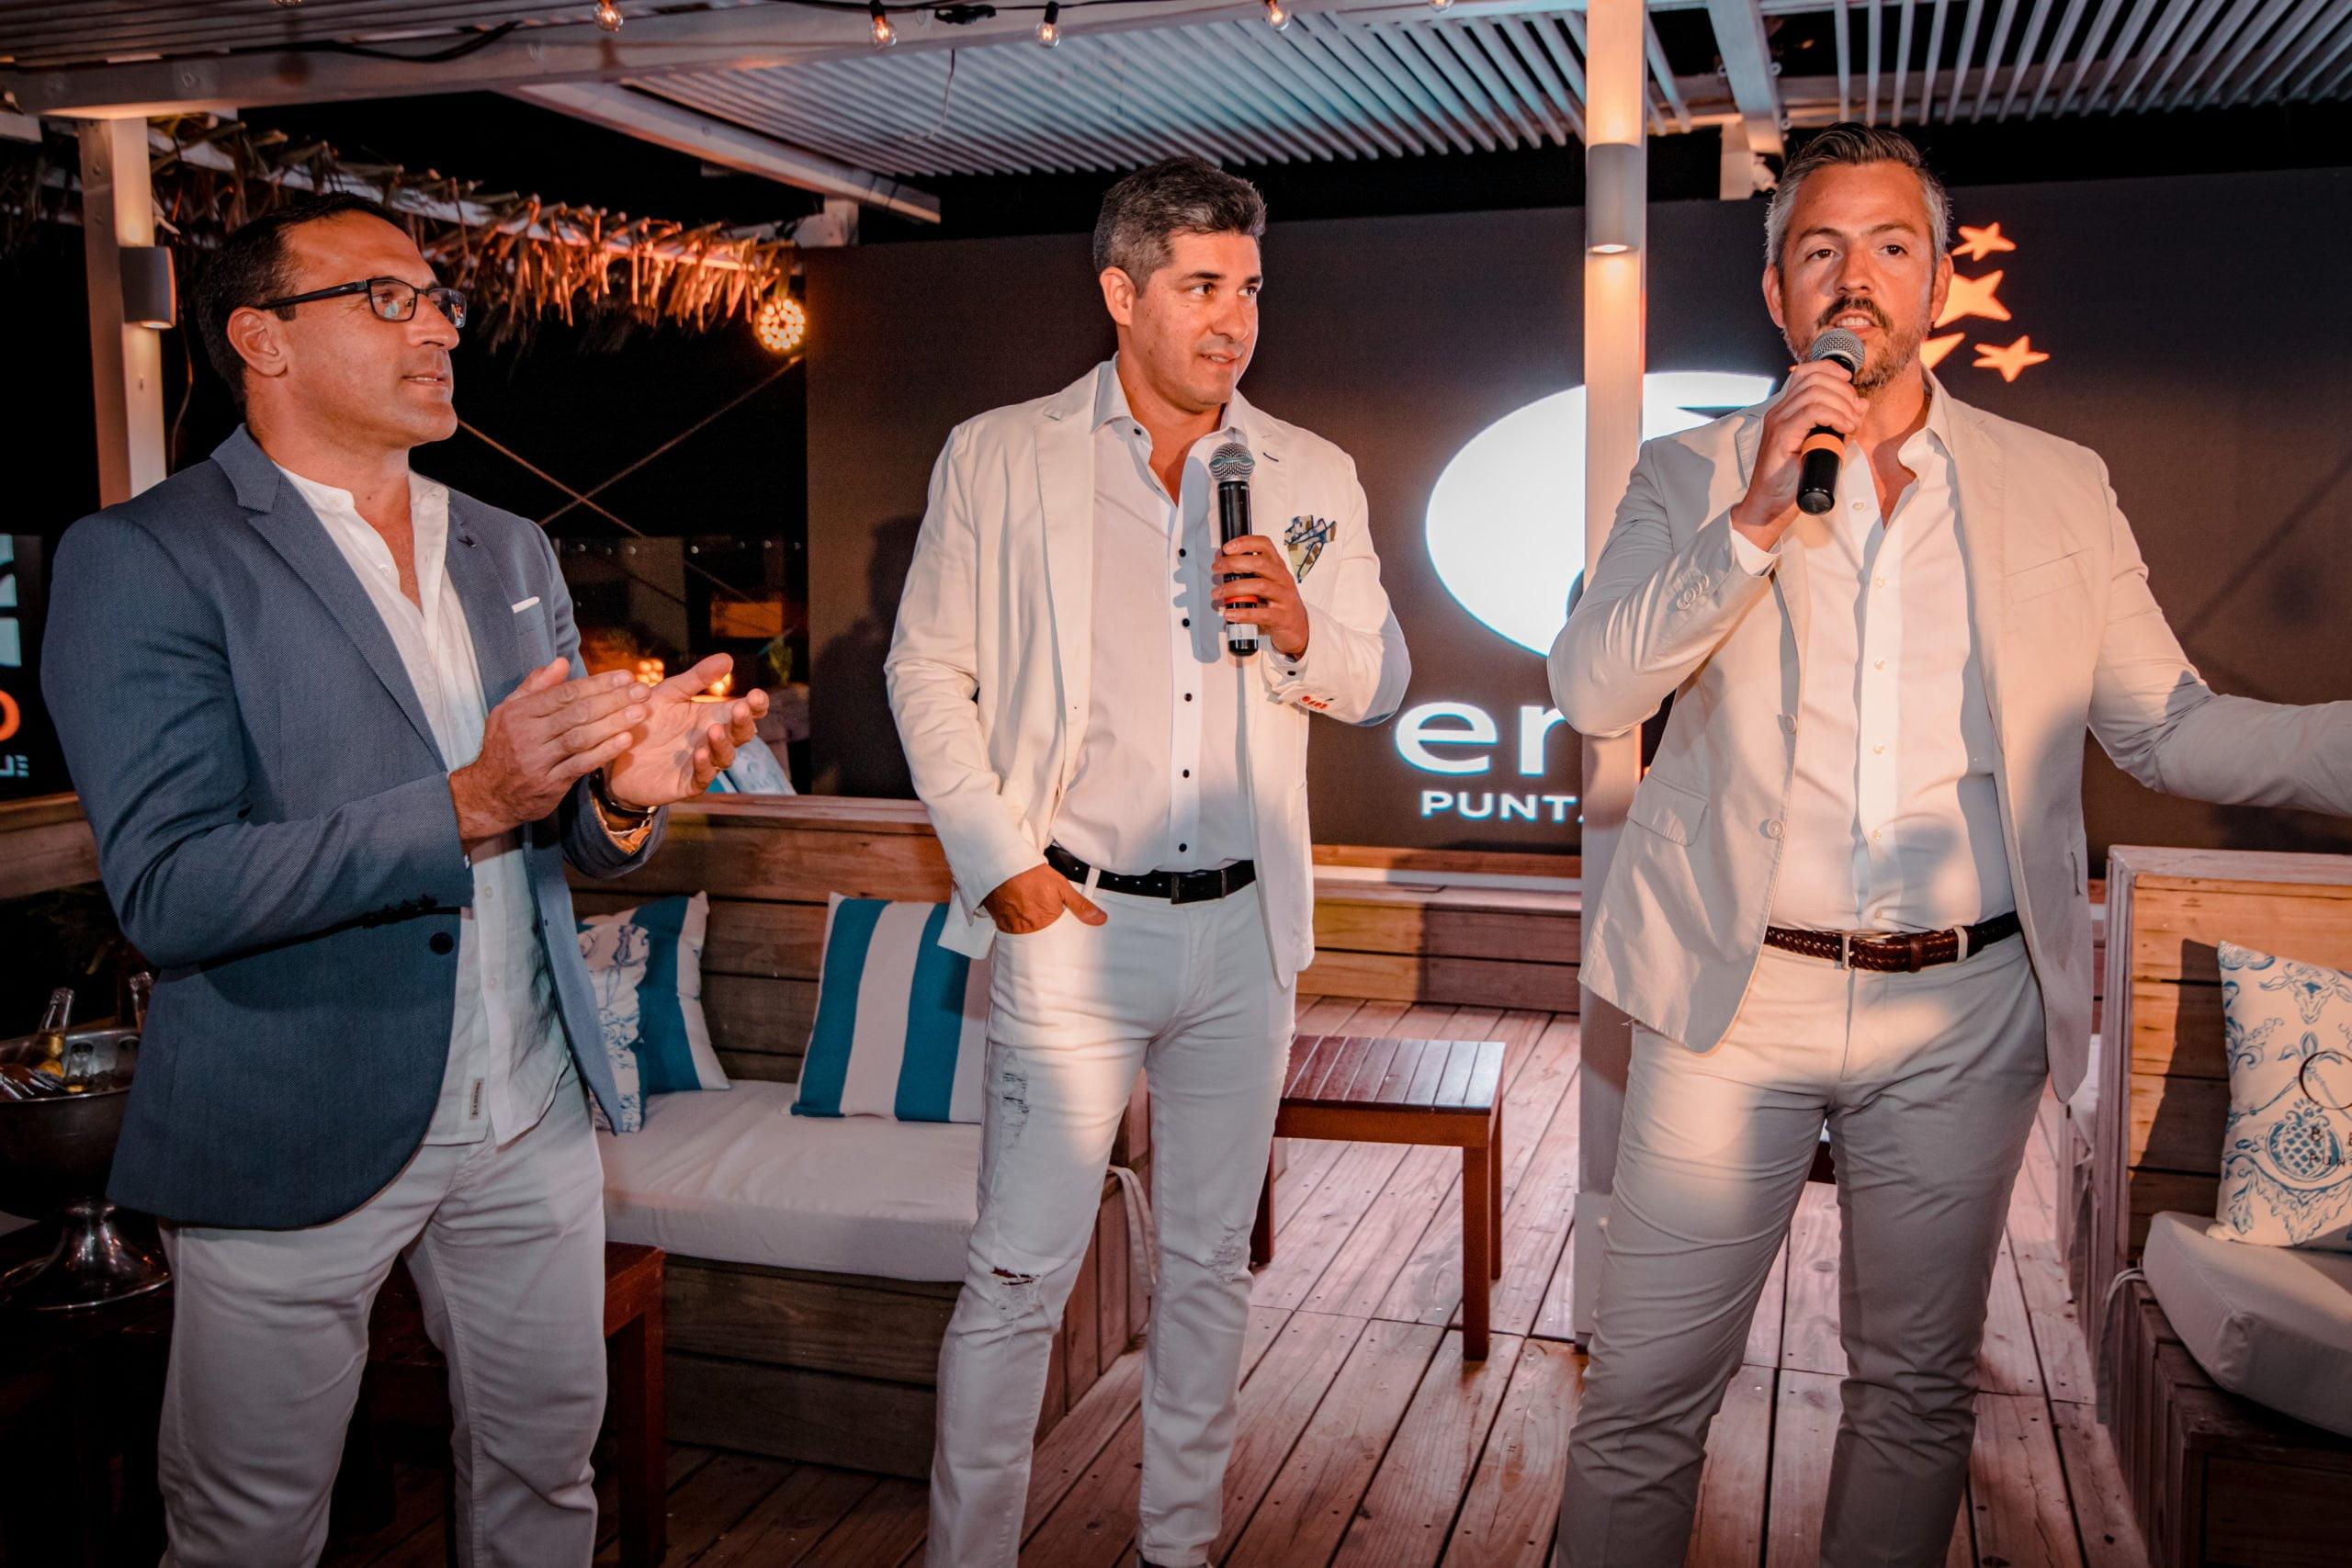 Enjoy Punta del Este presentó la grilla de shows internacionales para la temporada de verano 2020